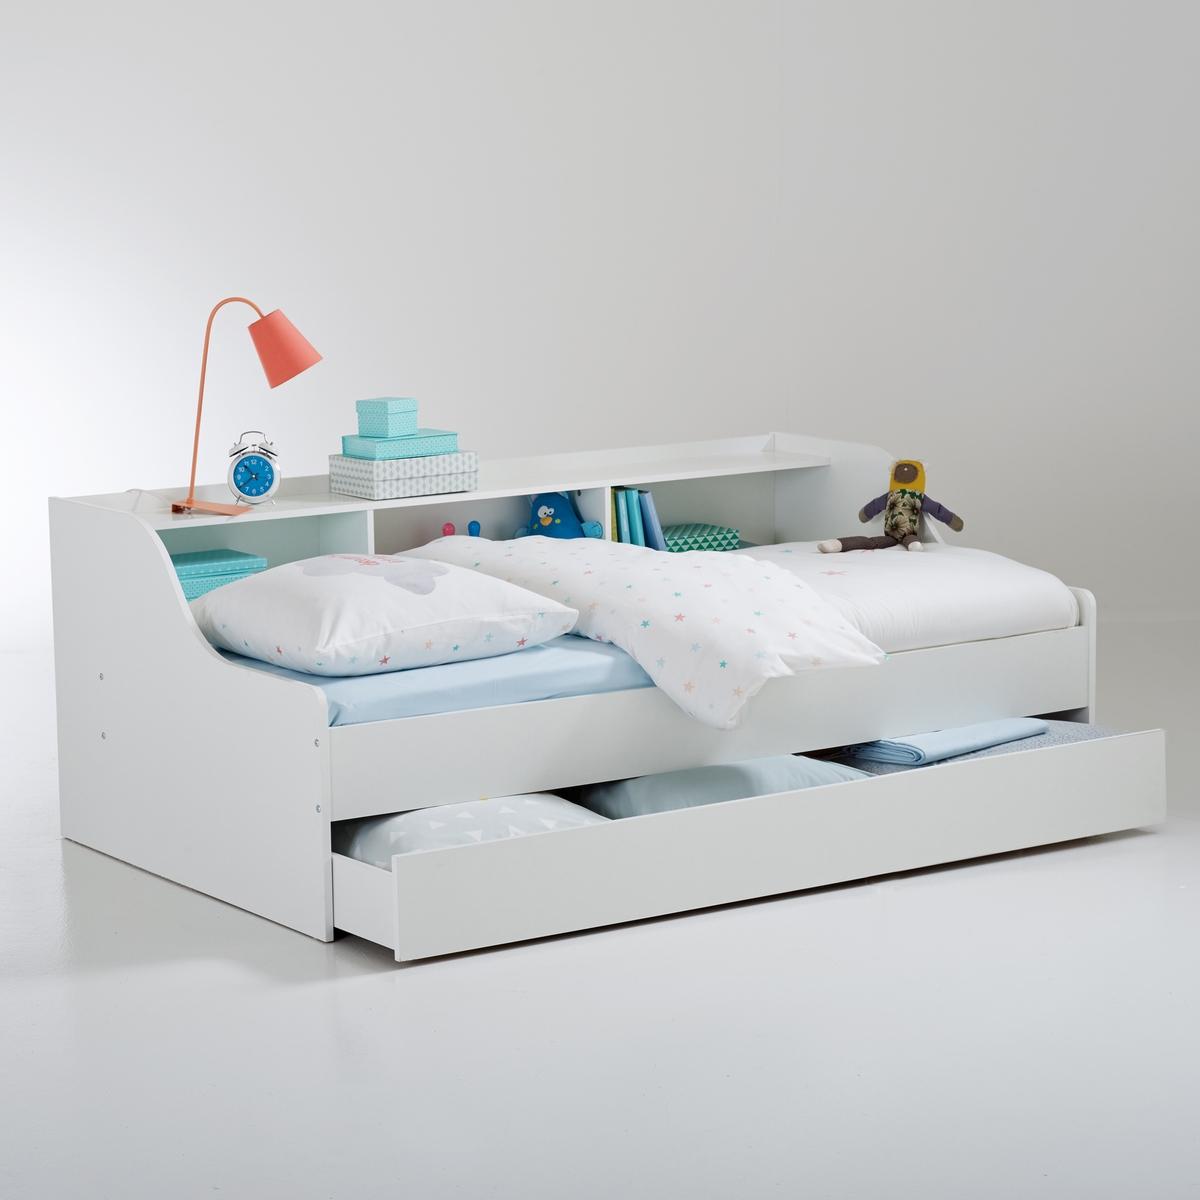 Диван-кровать с ящиком и отделением для хранения,Palma